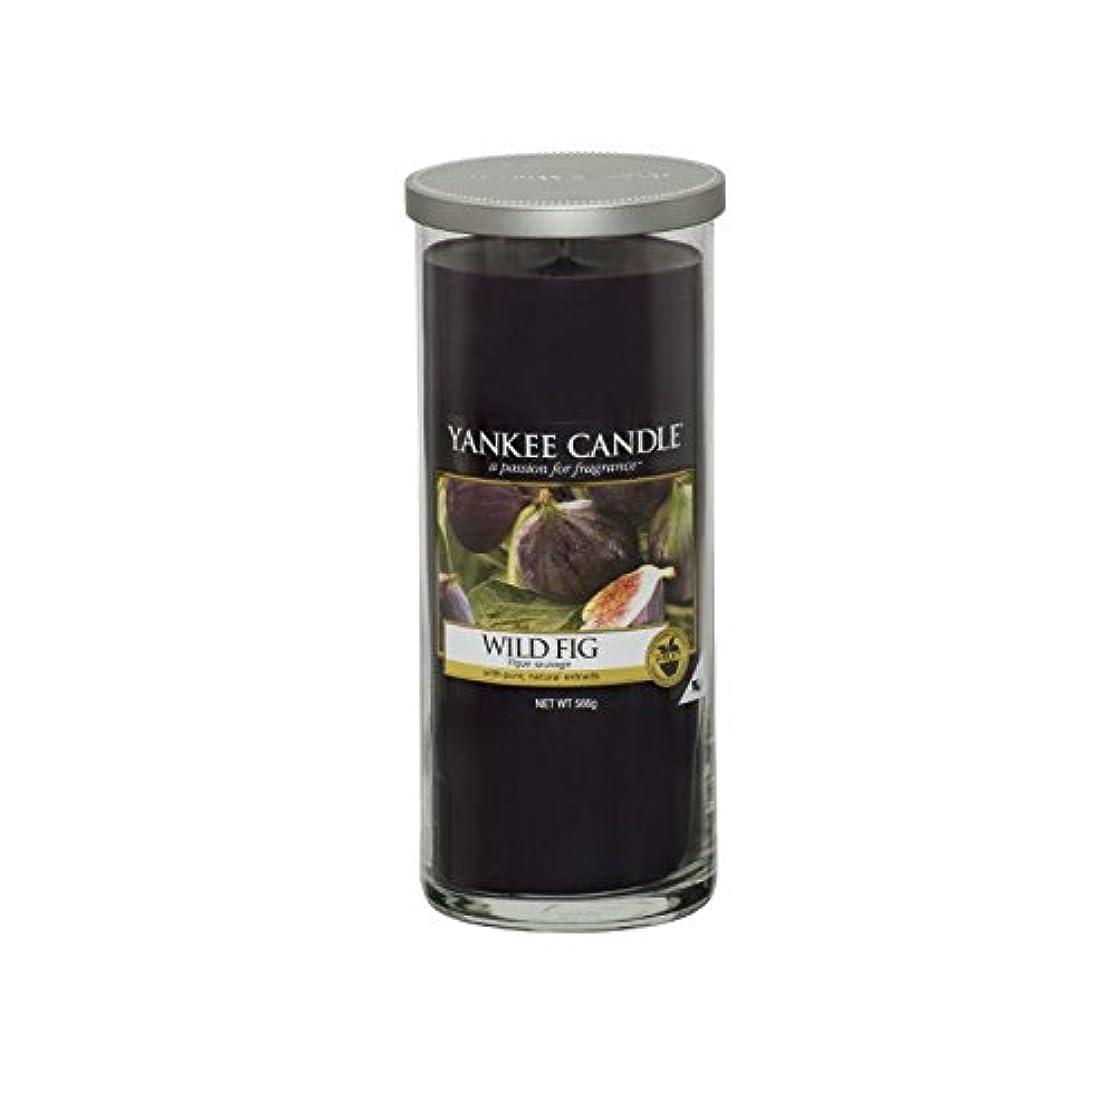 モバイル移植固執Yankee Candles Large Pillar Candle - Wild Fig (Pack of 6) - ヤンキーキャンドル大きな柱キャンドル - 野生のイチジク (x6) [並行輸入品]